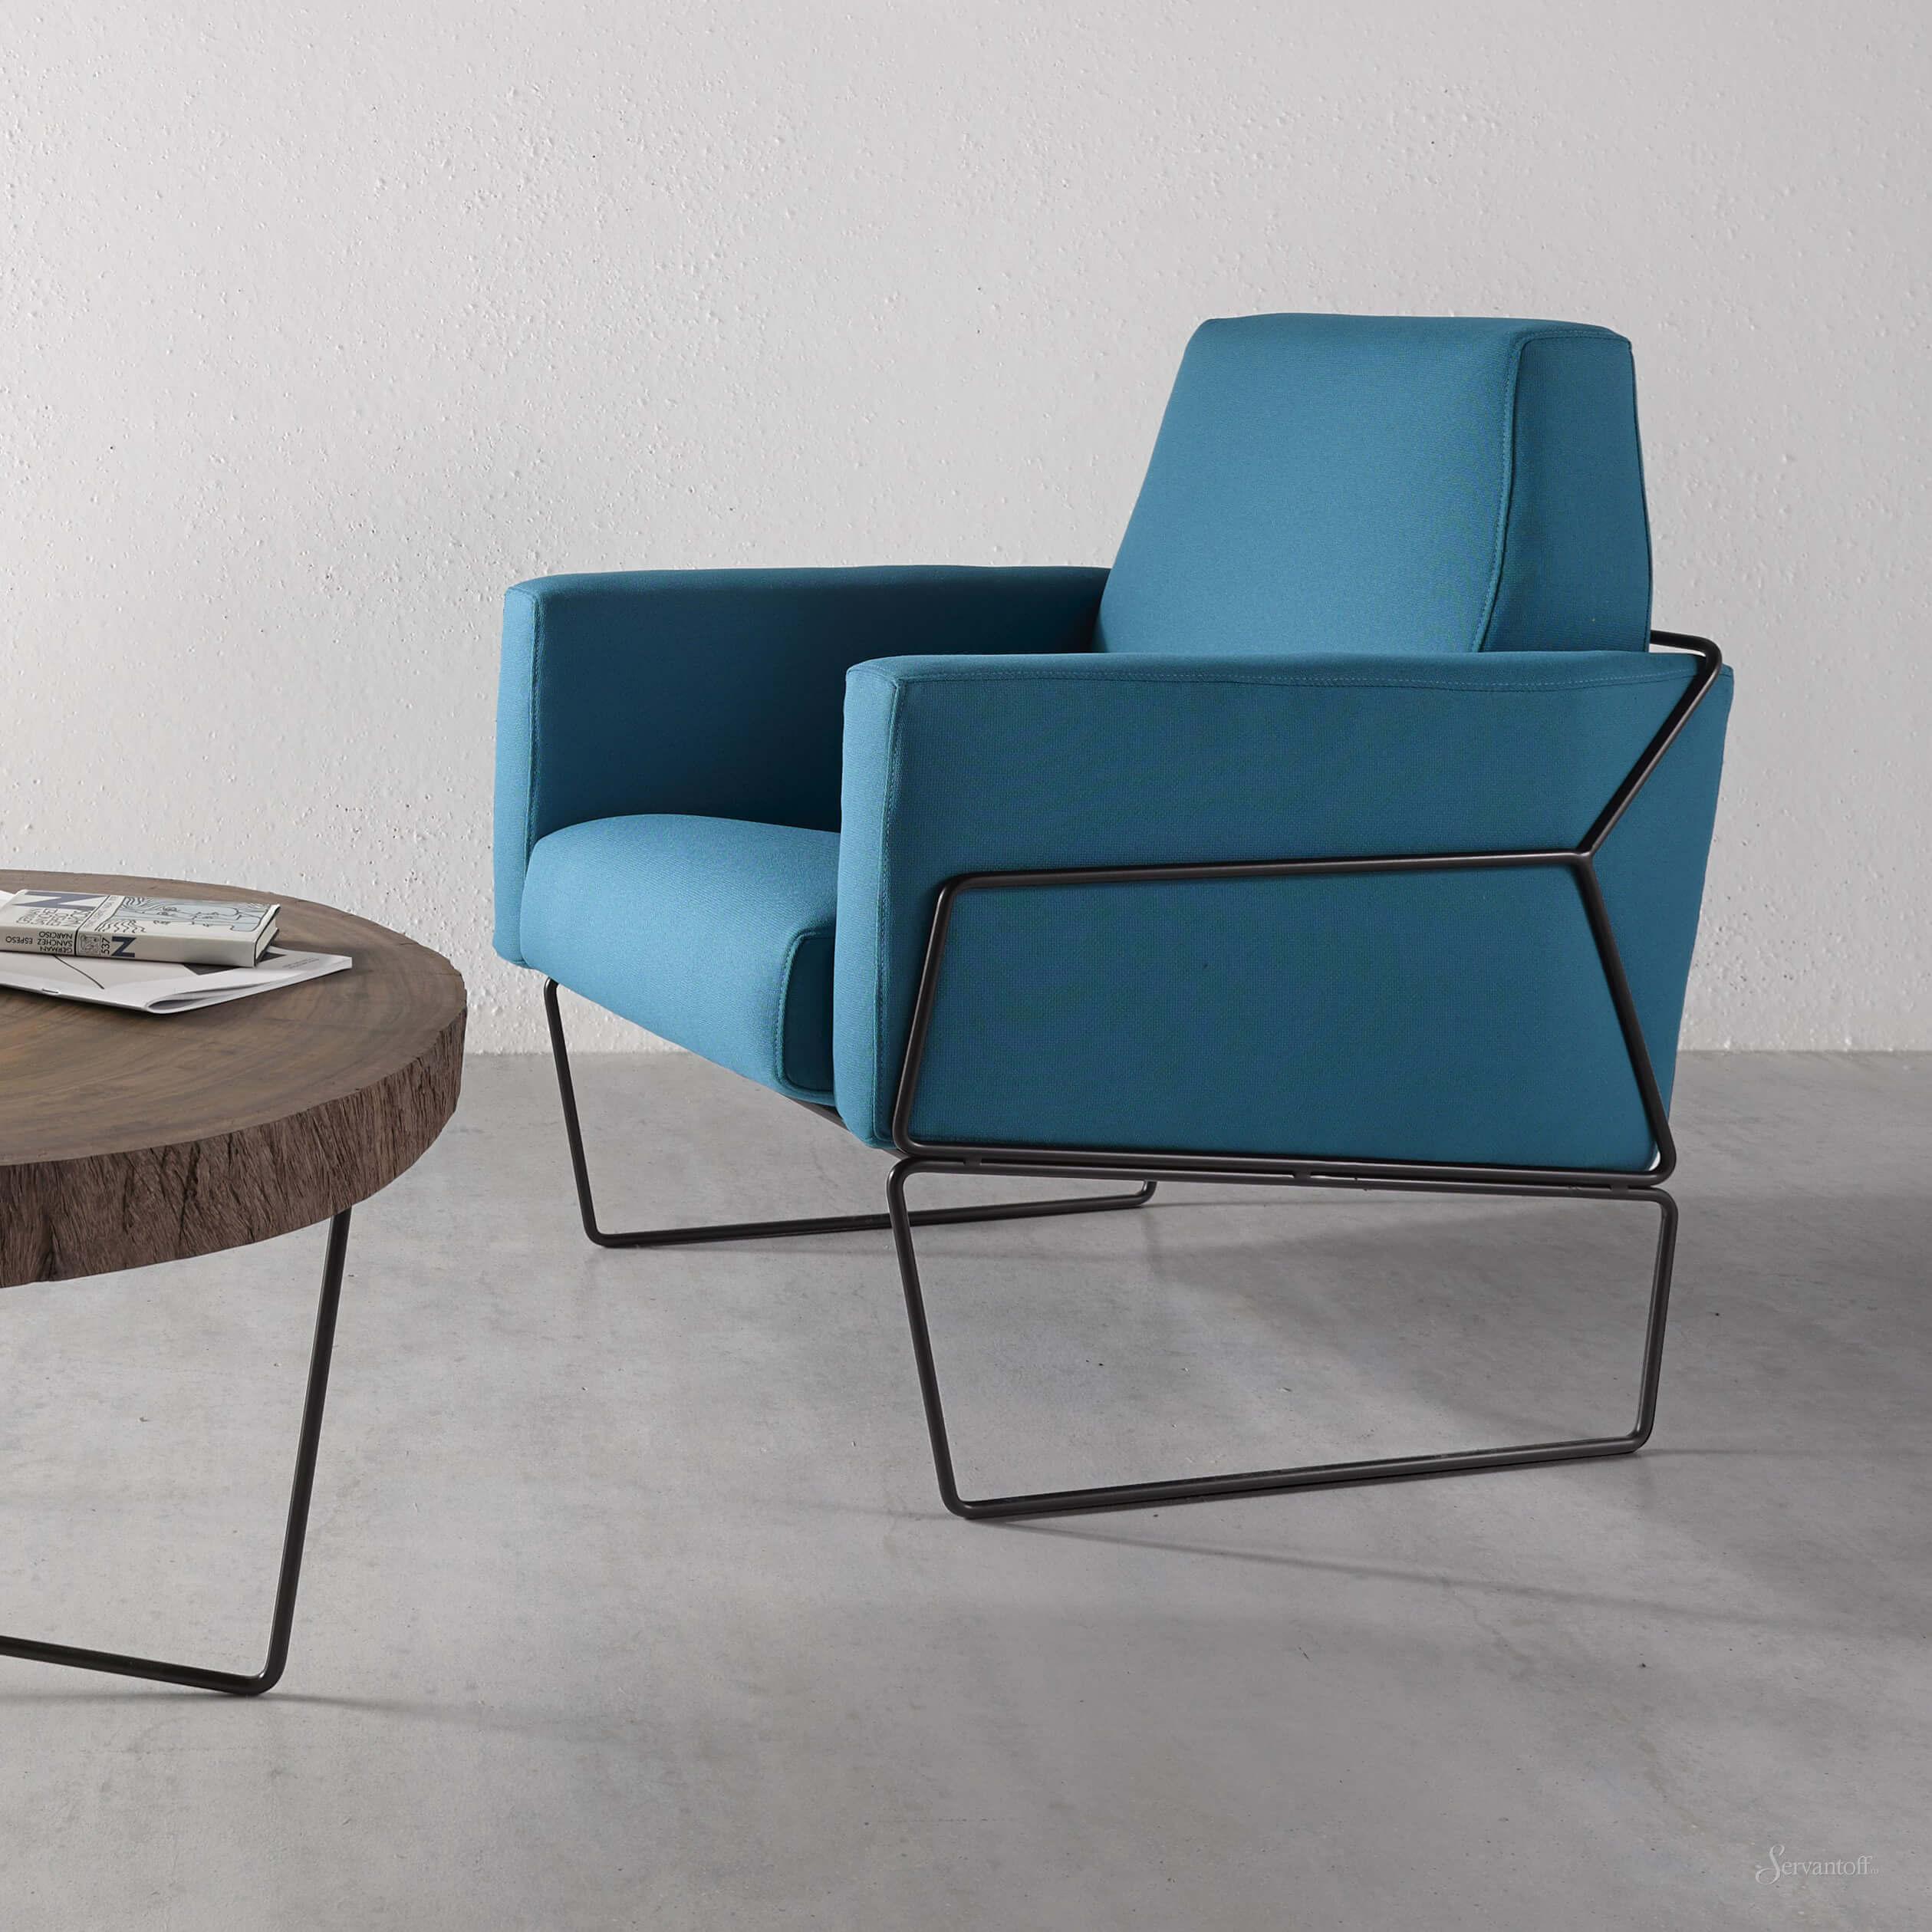 место для отдыха бирюзовое кресло и круглый стол из дерева